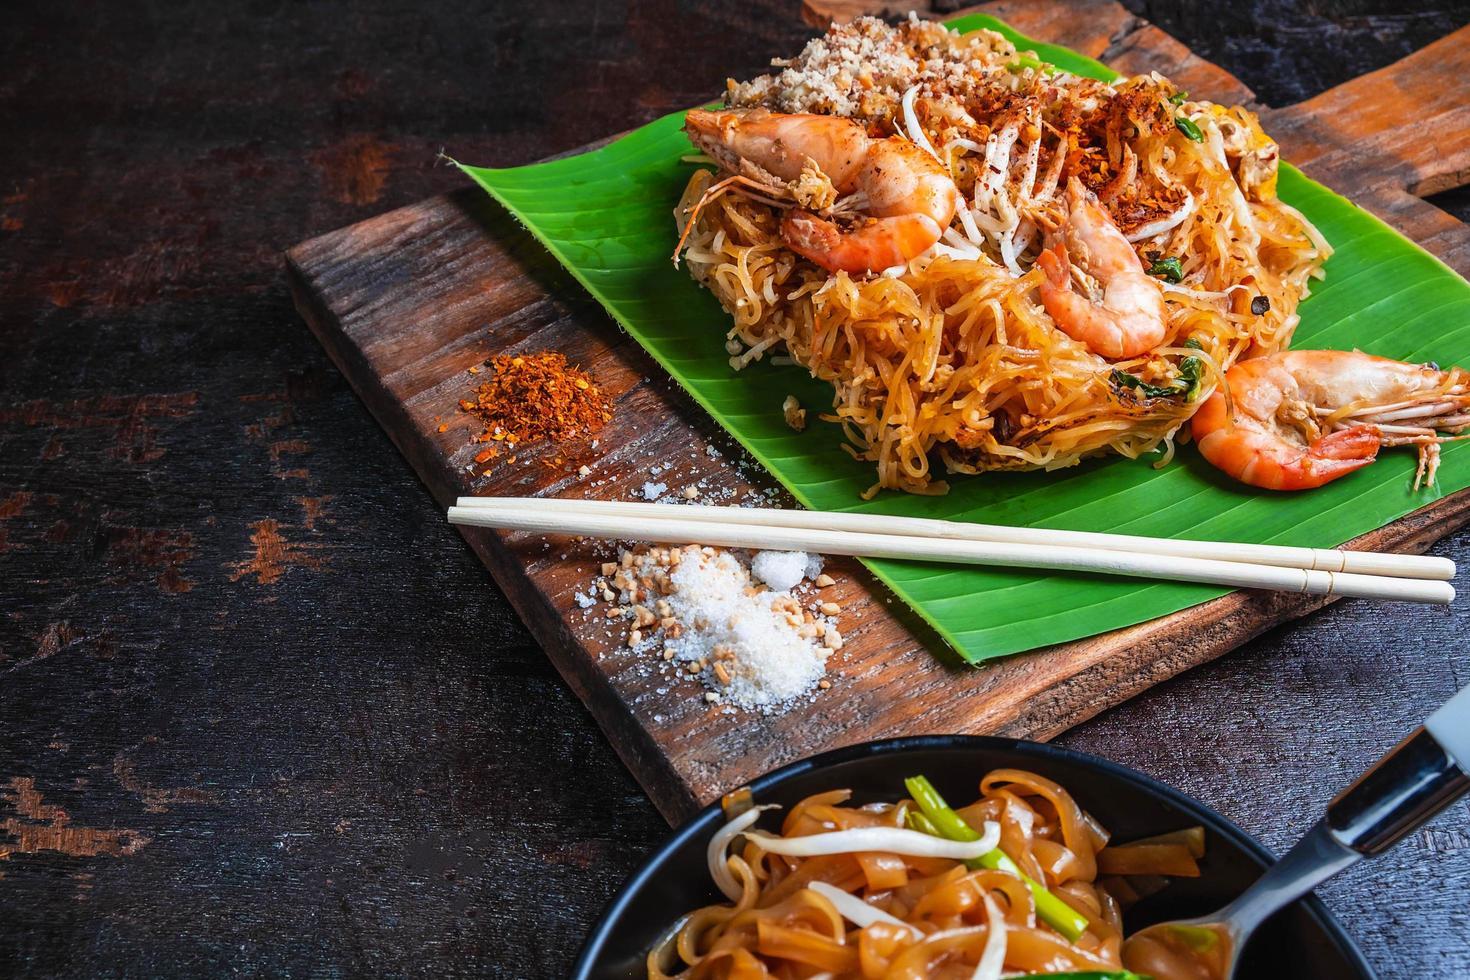 Pad thai crevettes sur feuille de bananier photo